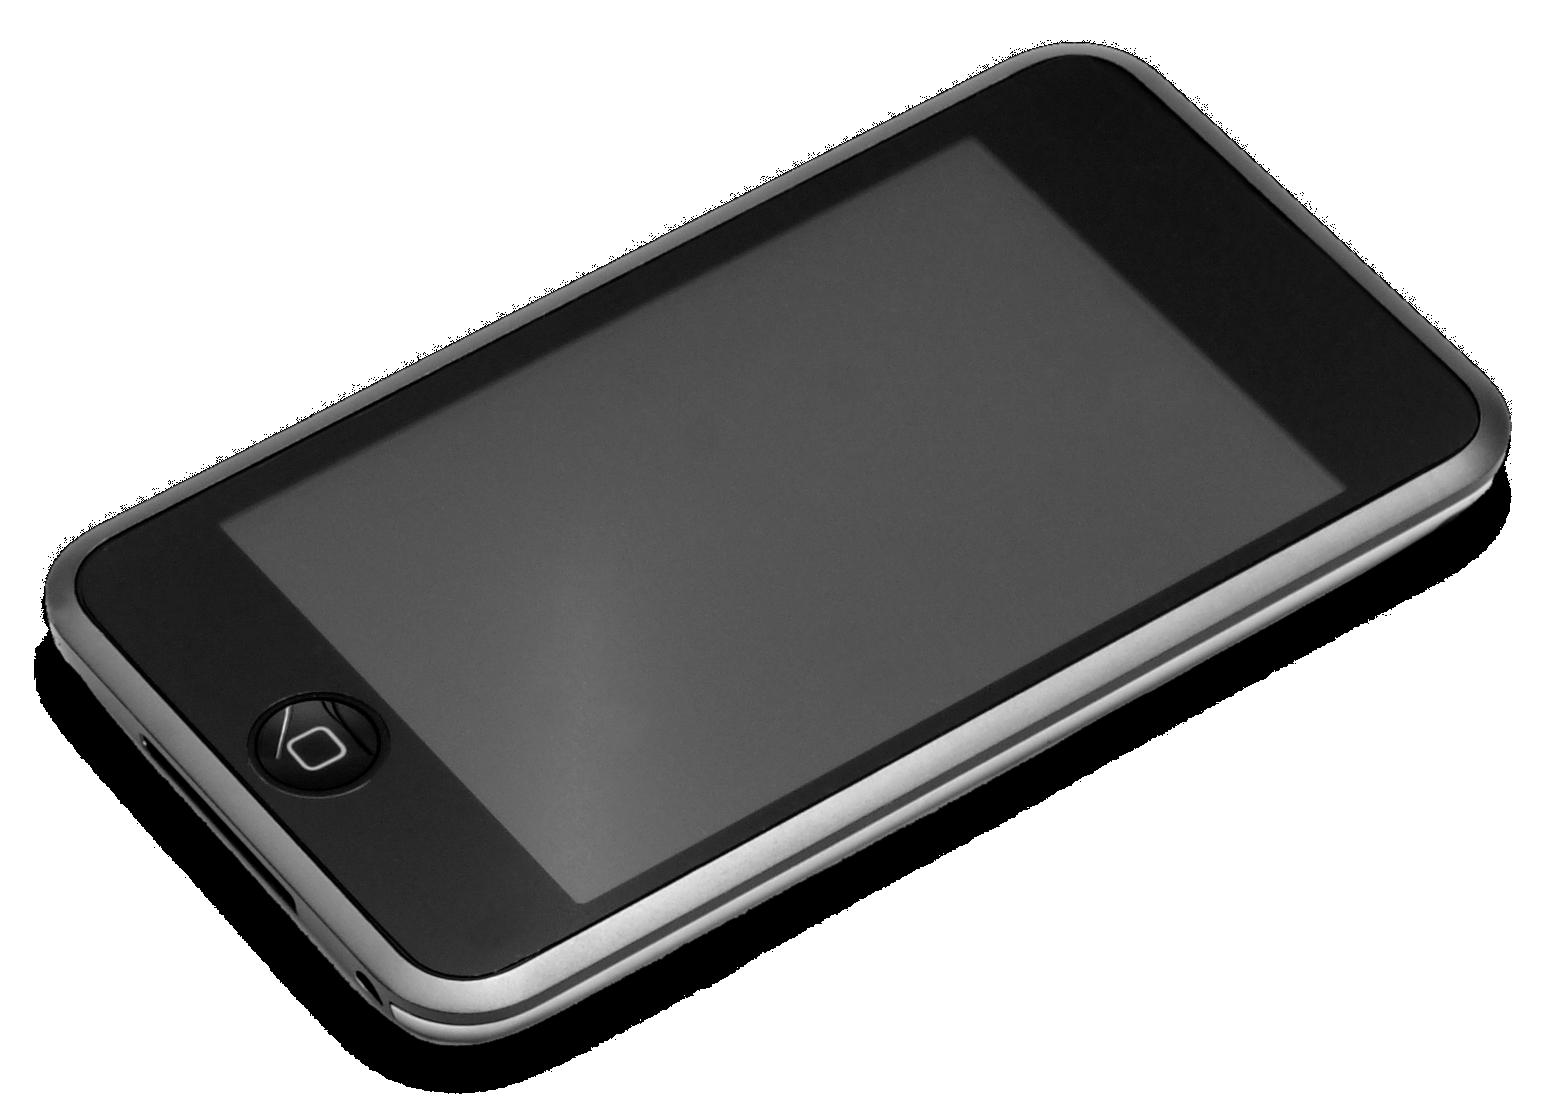 Steve Jobs vierter Todestag: meine persönliche Hommage an den Apple-Gründer